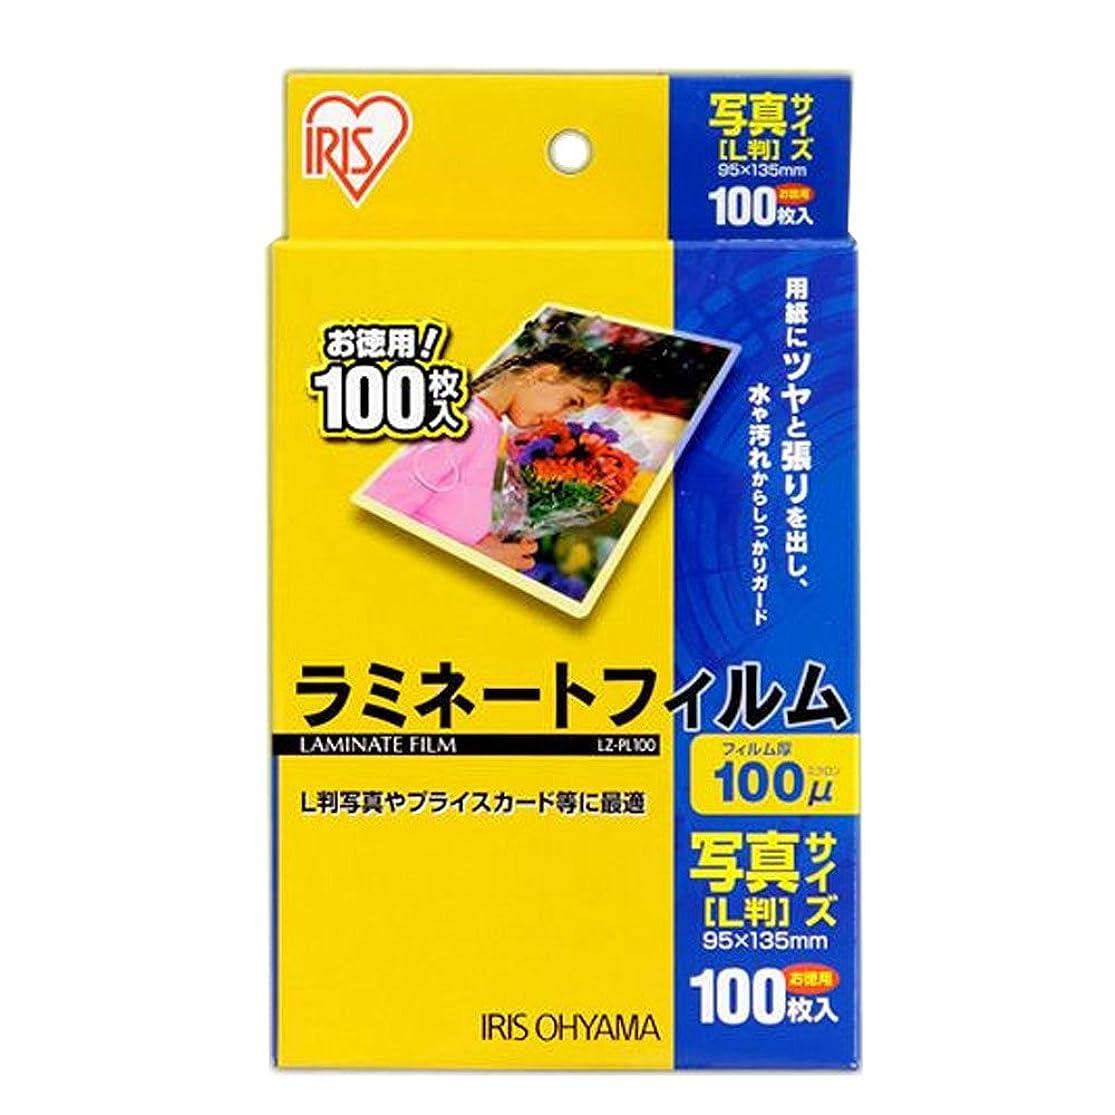 ごみラベルに勝るアイリスオーヤマ ラミネートフィルム 横型 100μm A4 サイズ 100枚入 LZY-A4100